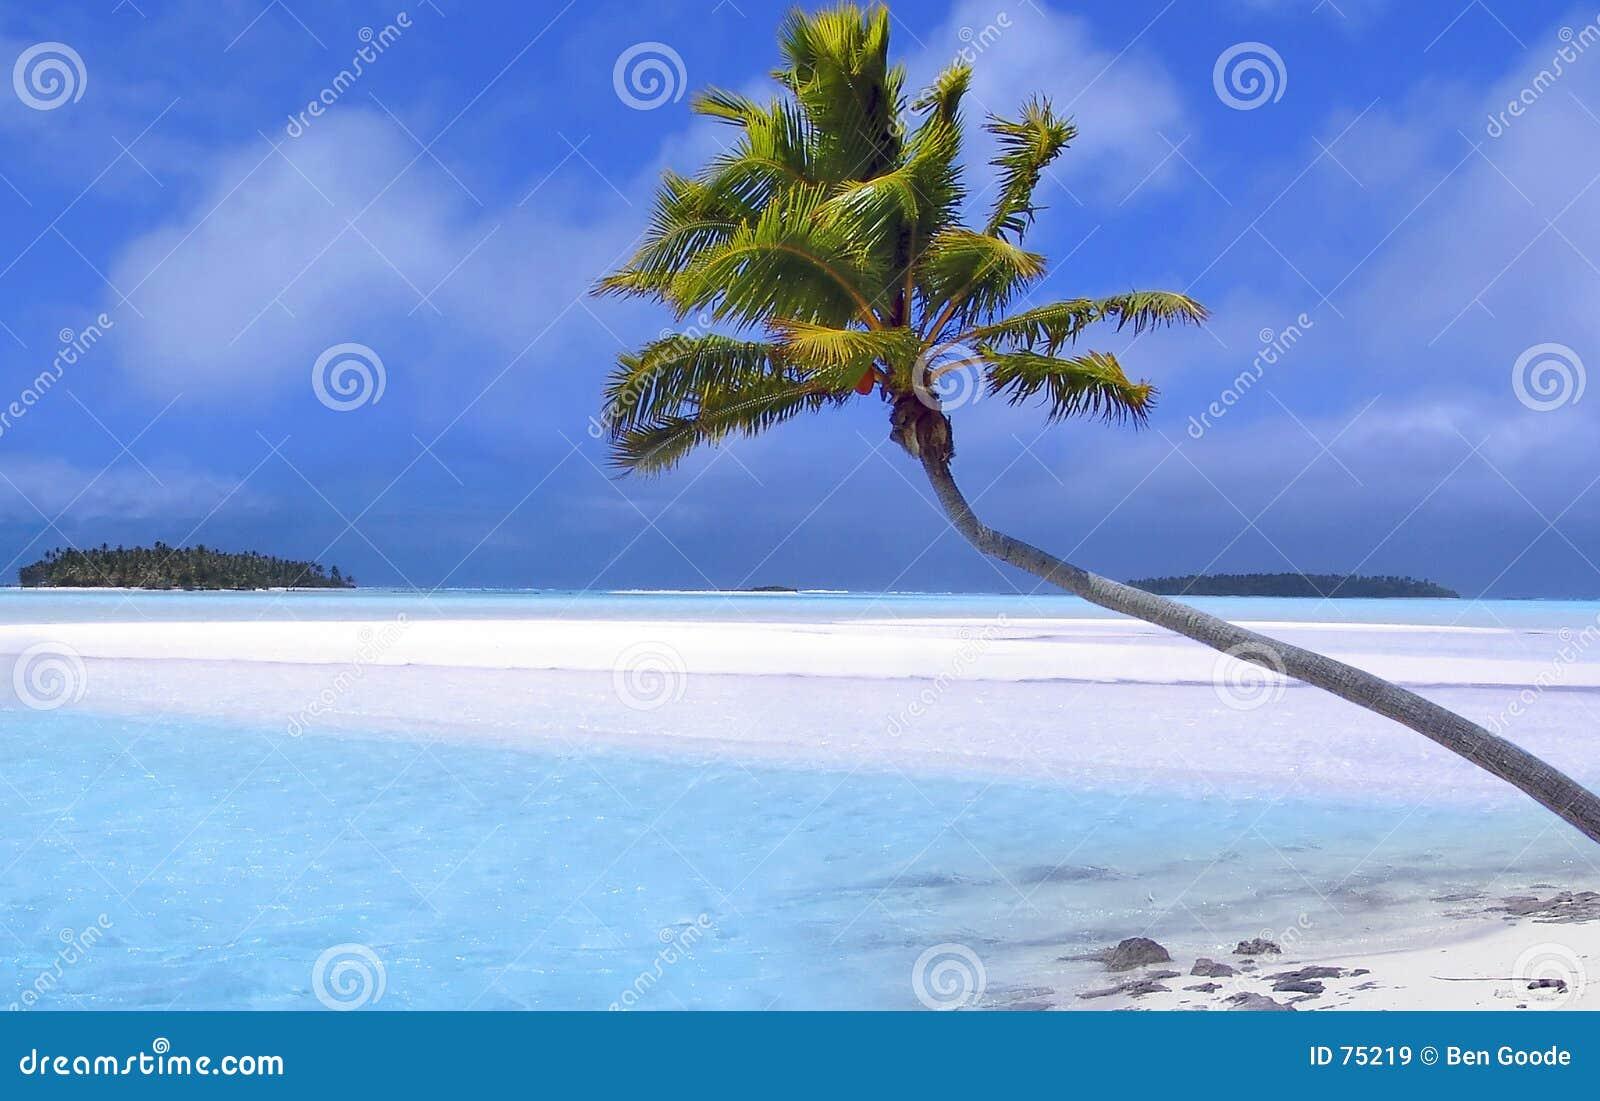 Tropikalny marzeń